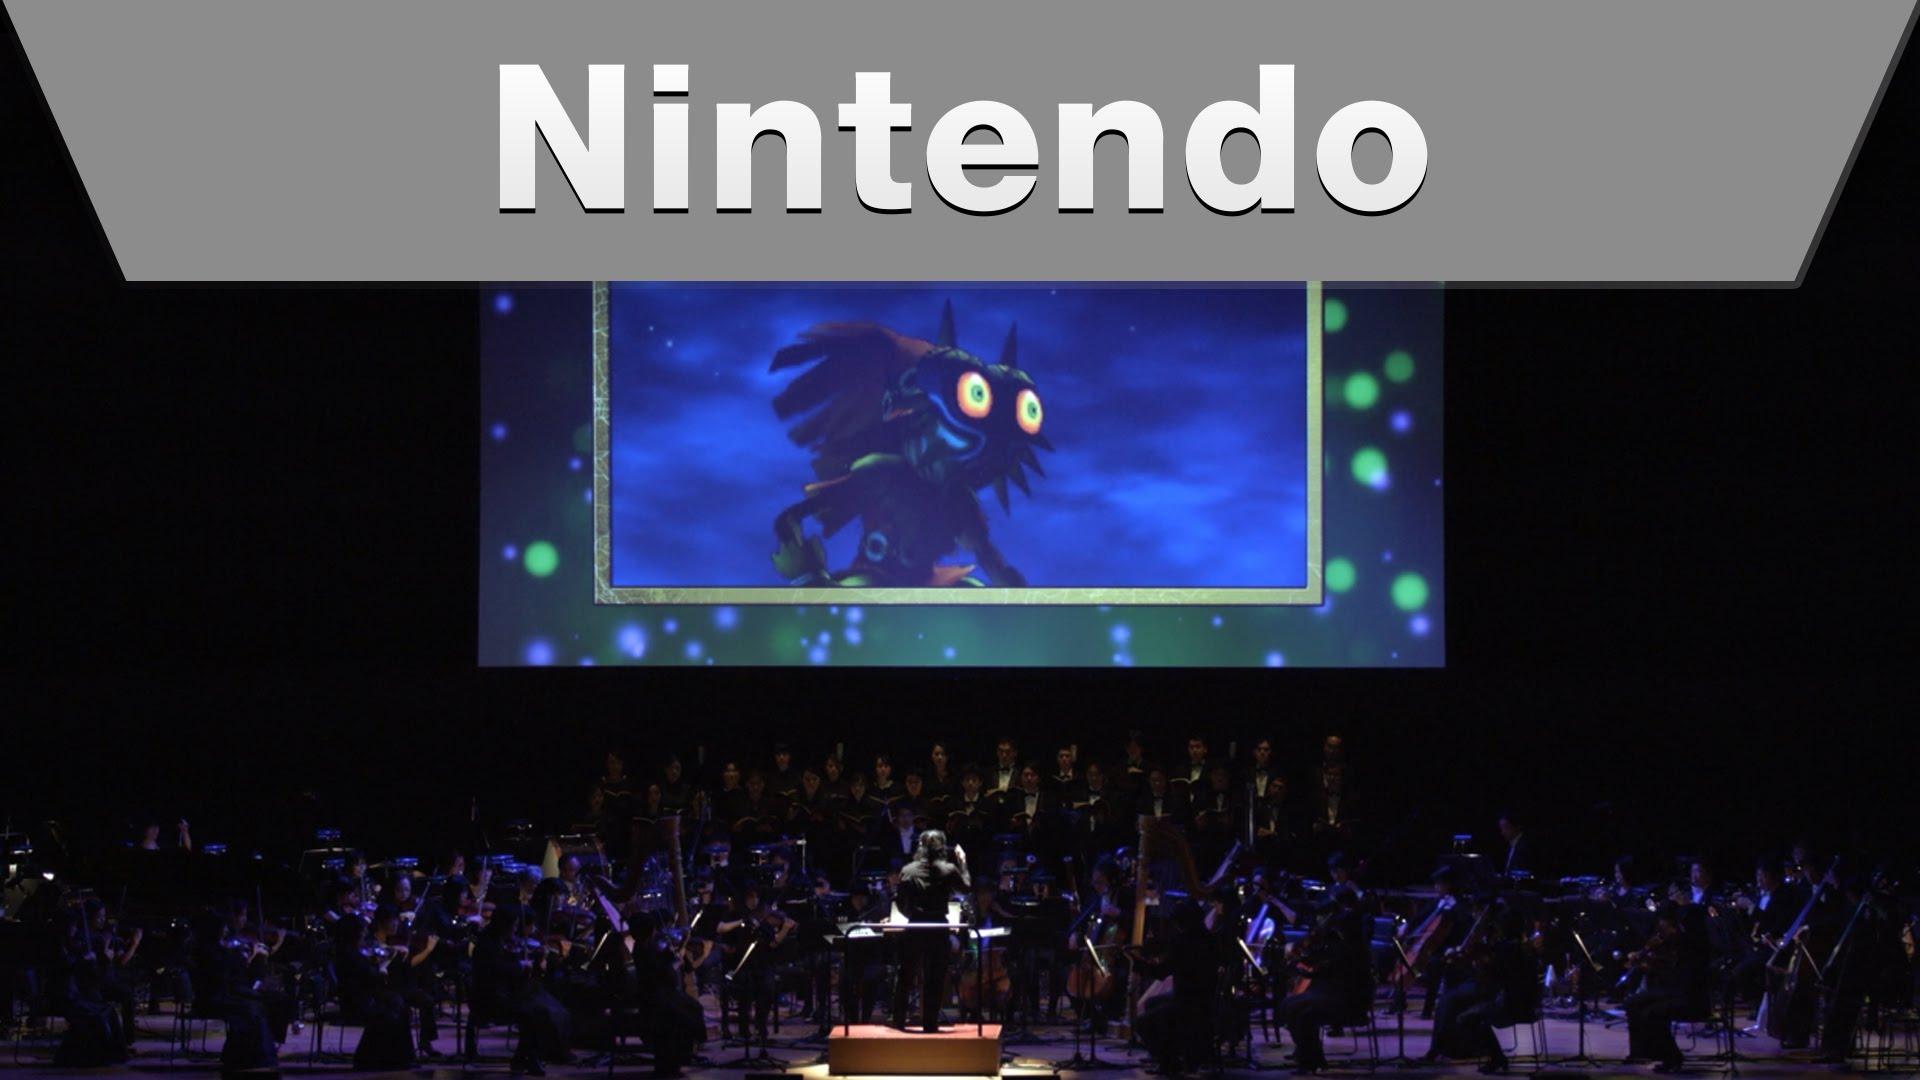 『ムジュラの仮面3D』発売記念コンサート「ゼルダの伝説シンフォニー」ダイジェスト映像が公開